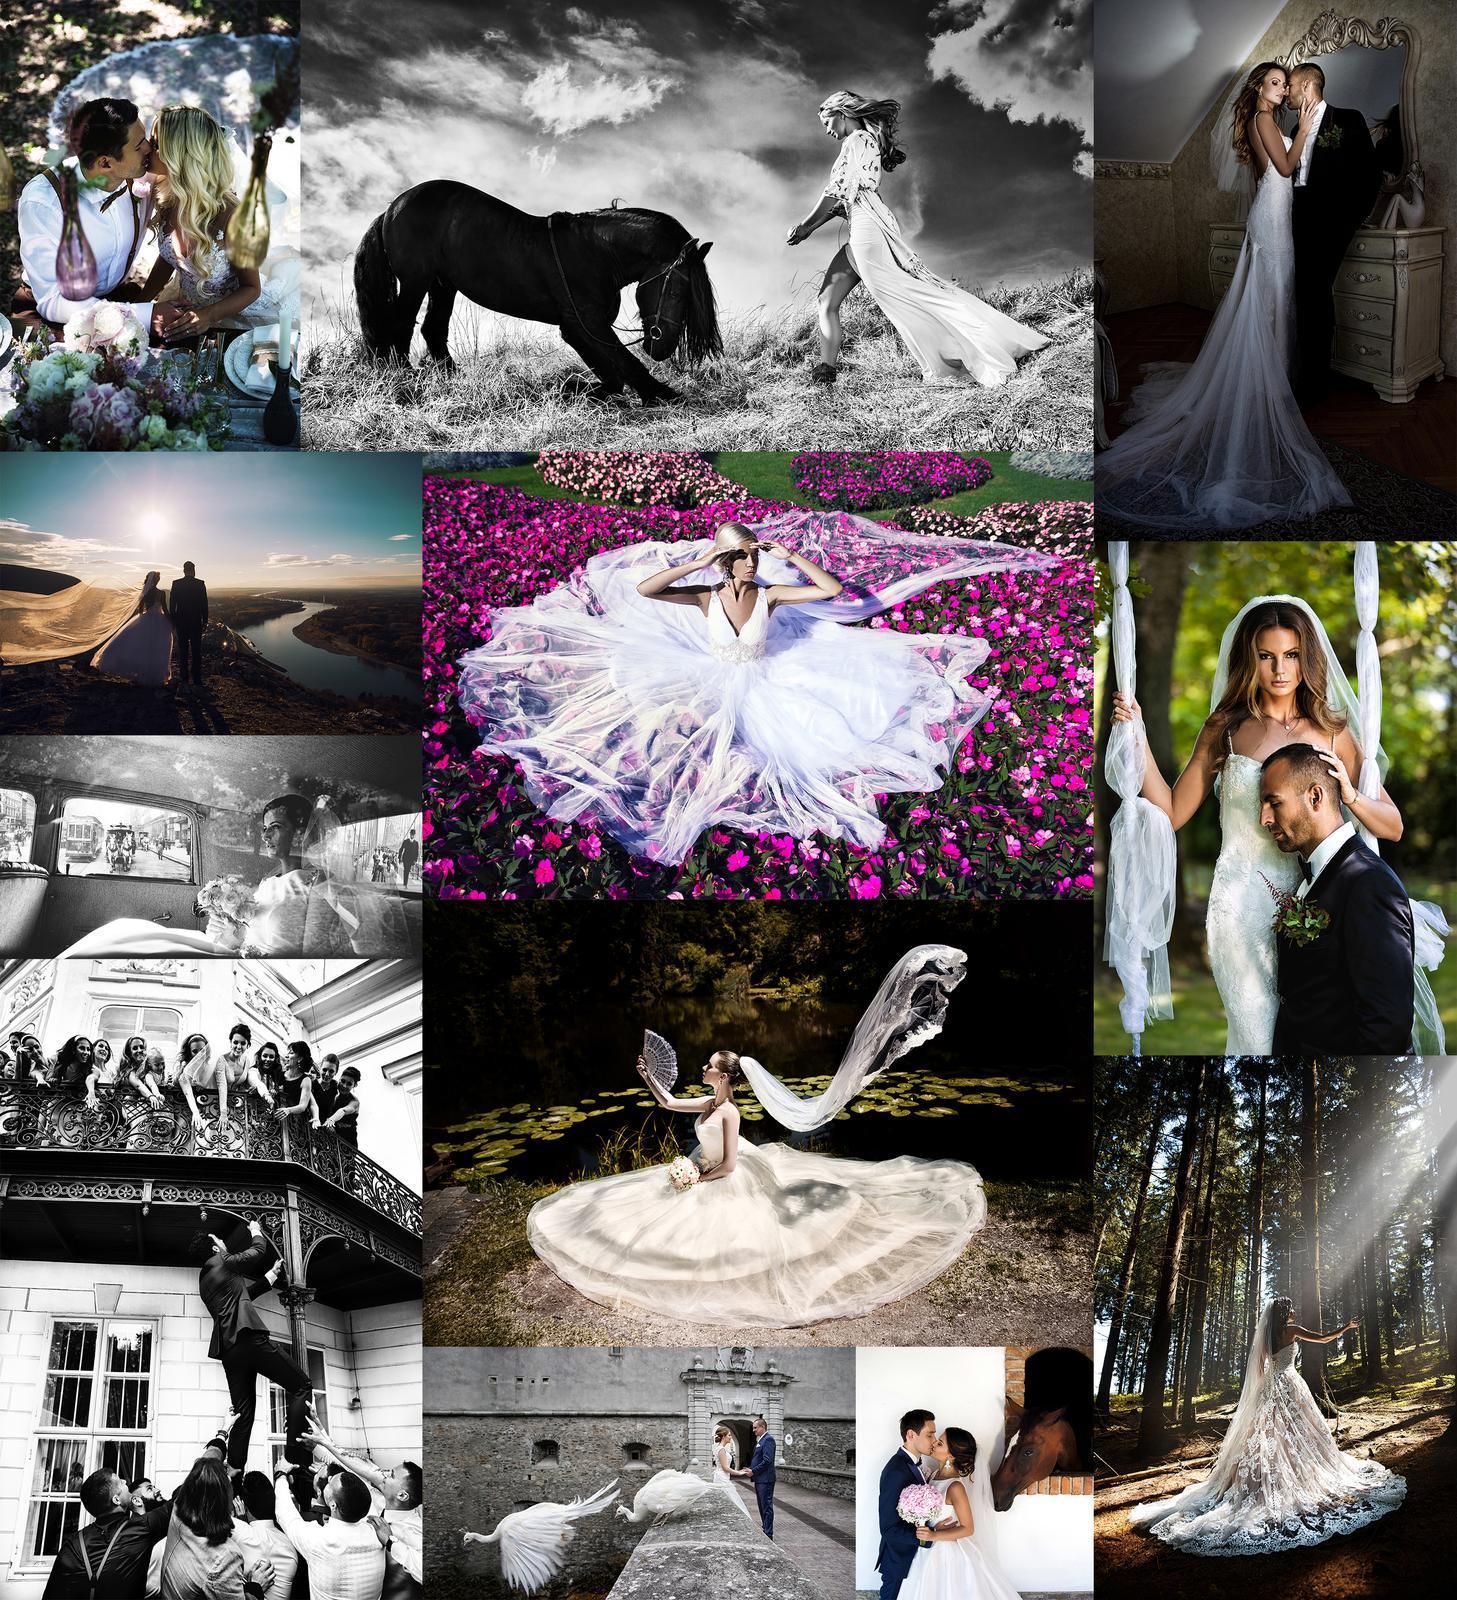 viac foto zo svadieb... - Obrázok č. 1